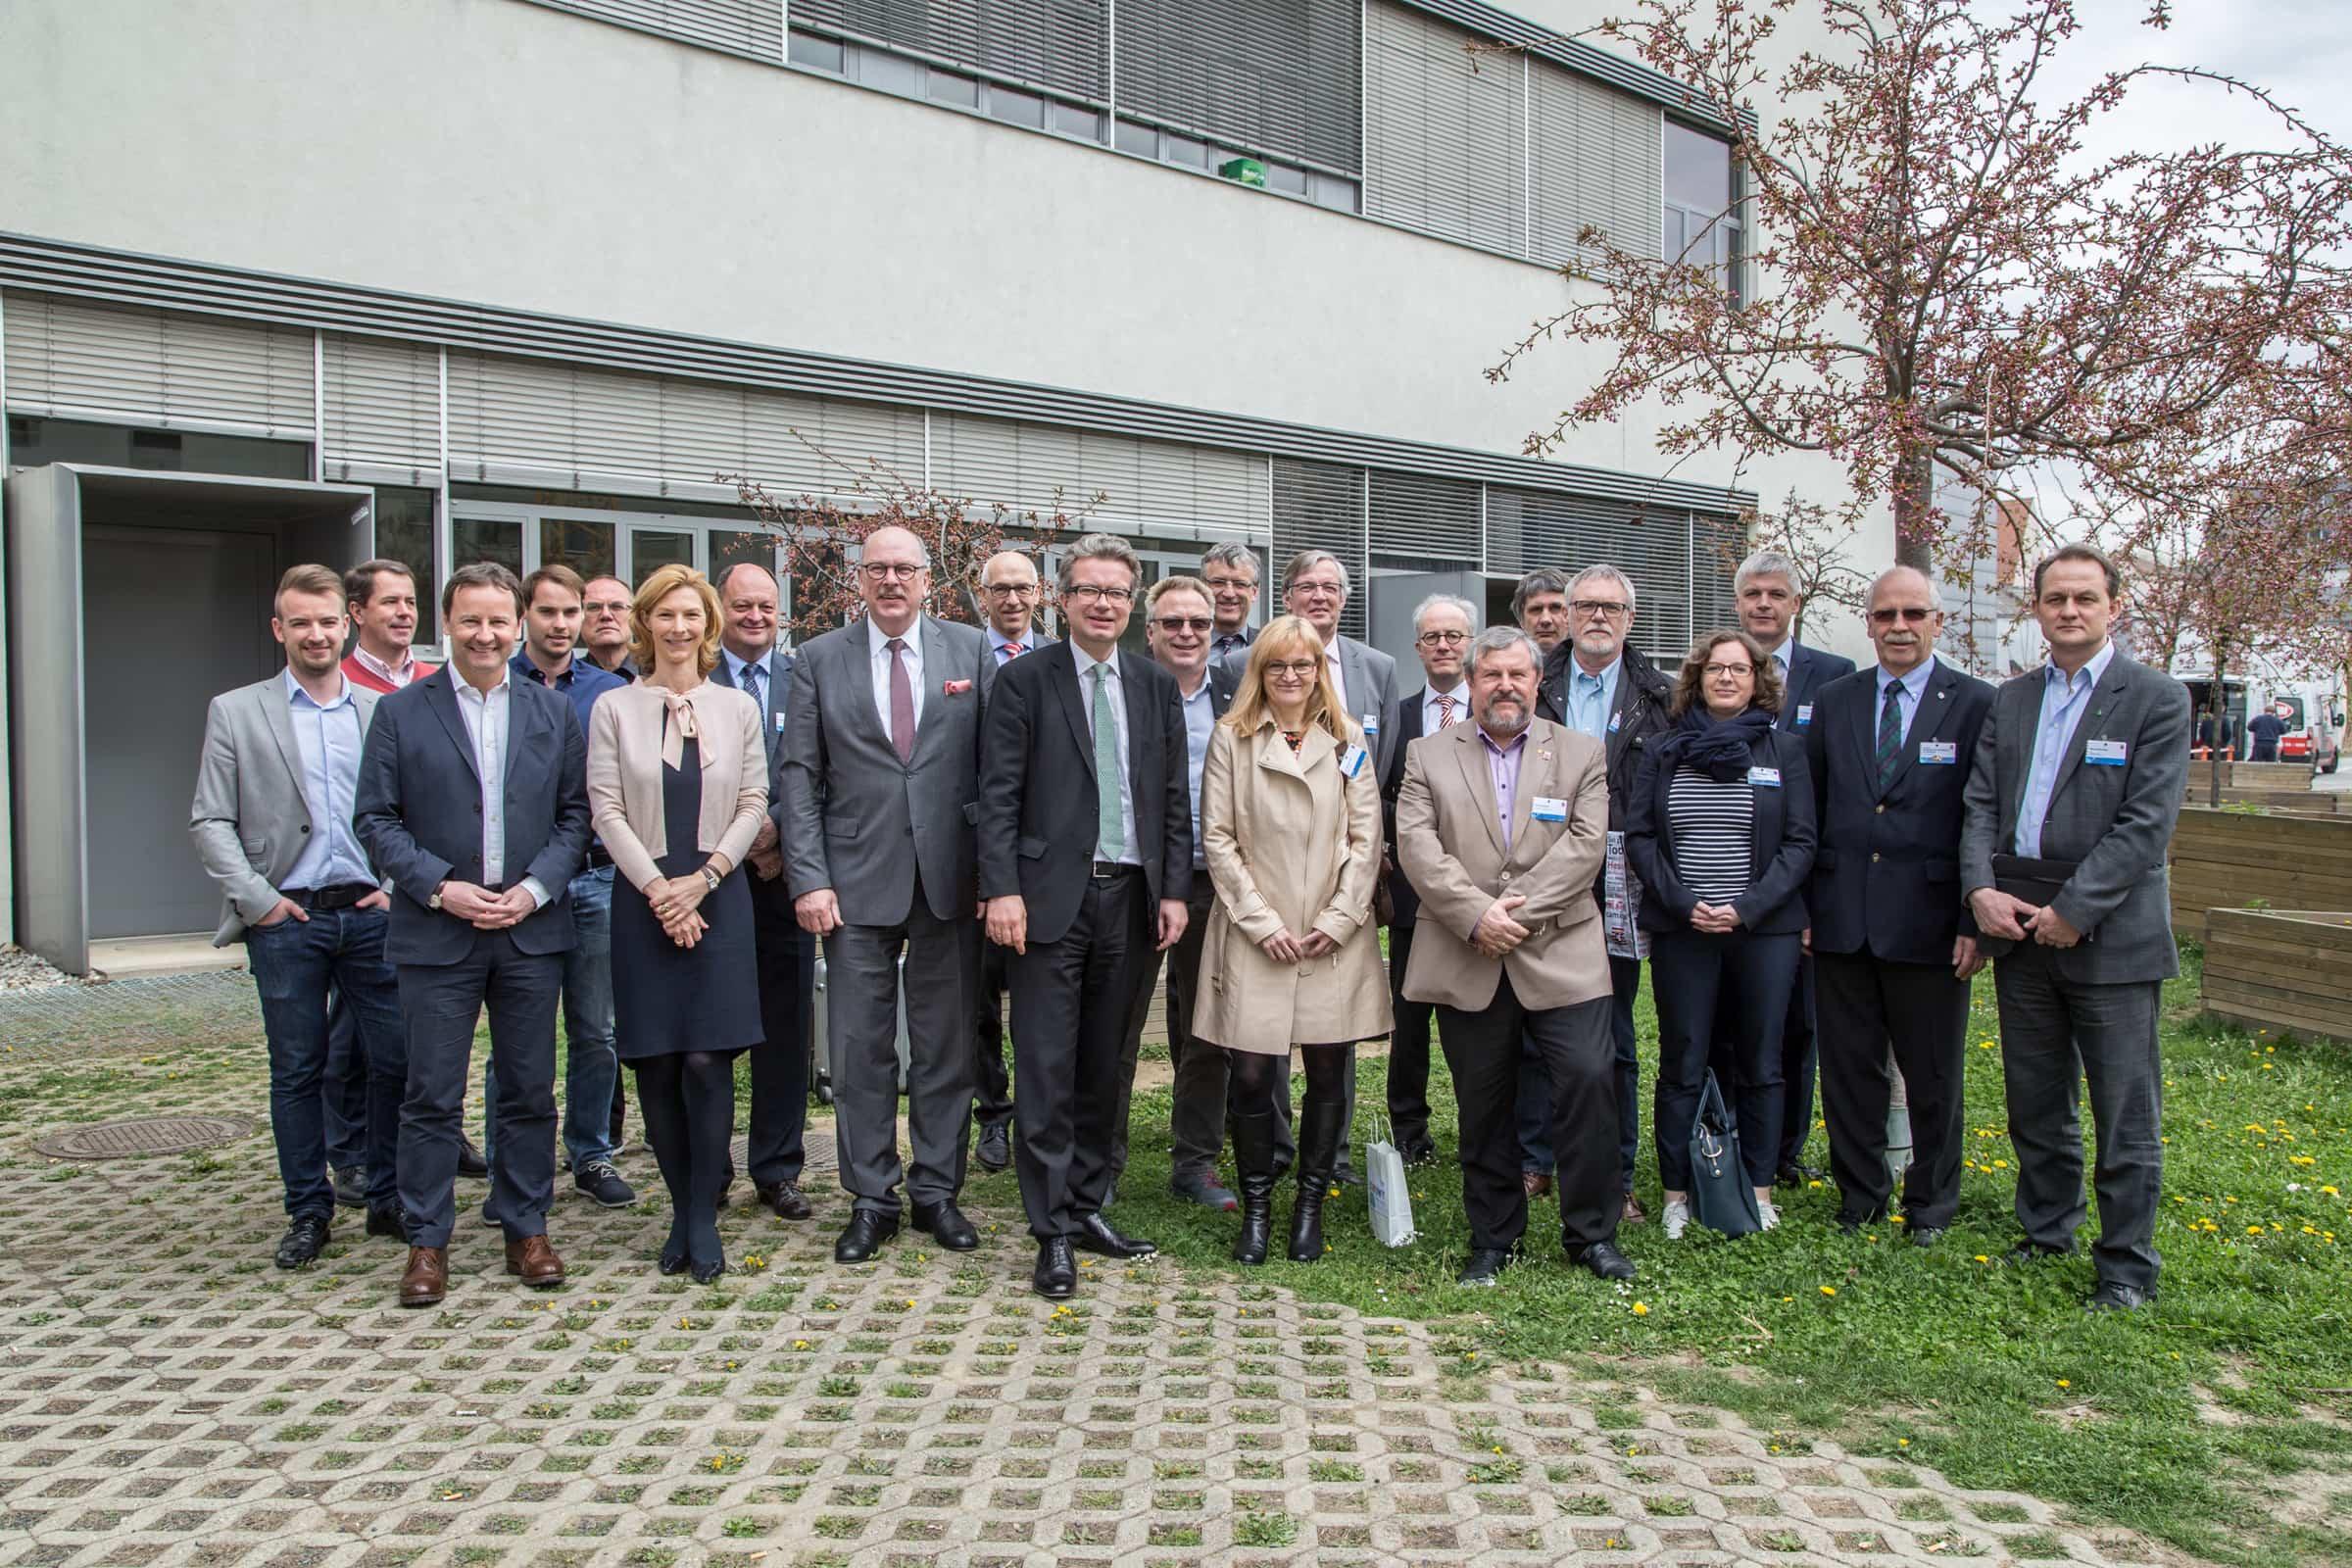 Vertreterinnen und Vertreter der hessischen Landesregierung, des Landtags sowie des Gesundheits- und Hochschulwesens holten sich beim Besuch der FH JOANNEUM Input zum Thema Gesundheitsinformatik.